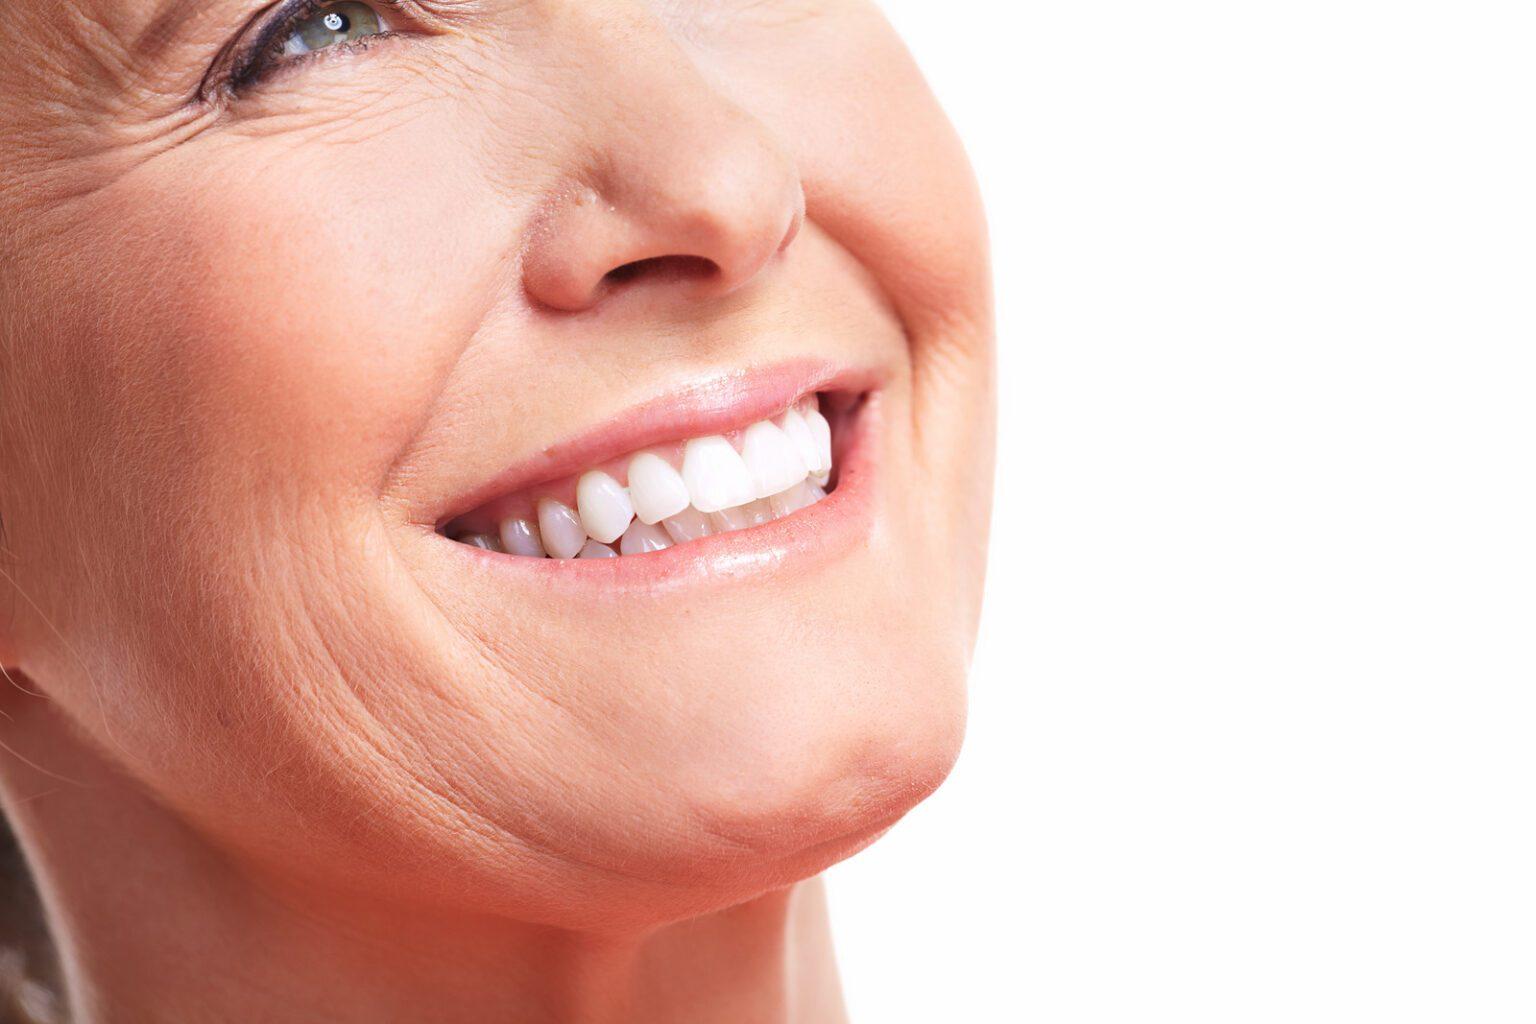 Endodoncia: todo lo que deberías saber